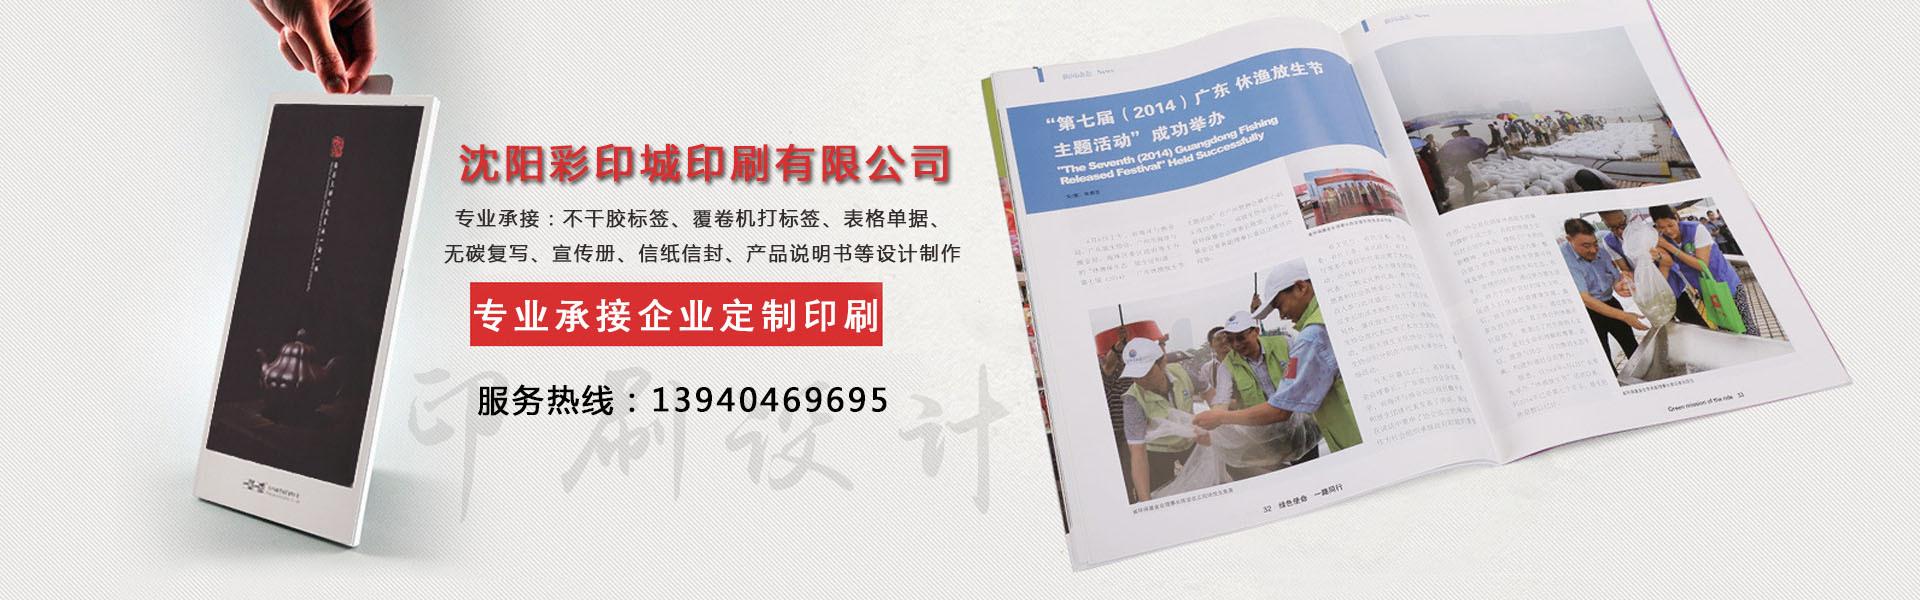 沈阳手提袋印刷 沈阳名片印刷 沈阳传单印刷 沈阳票据印刷